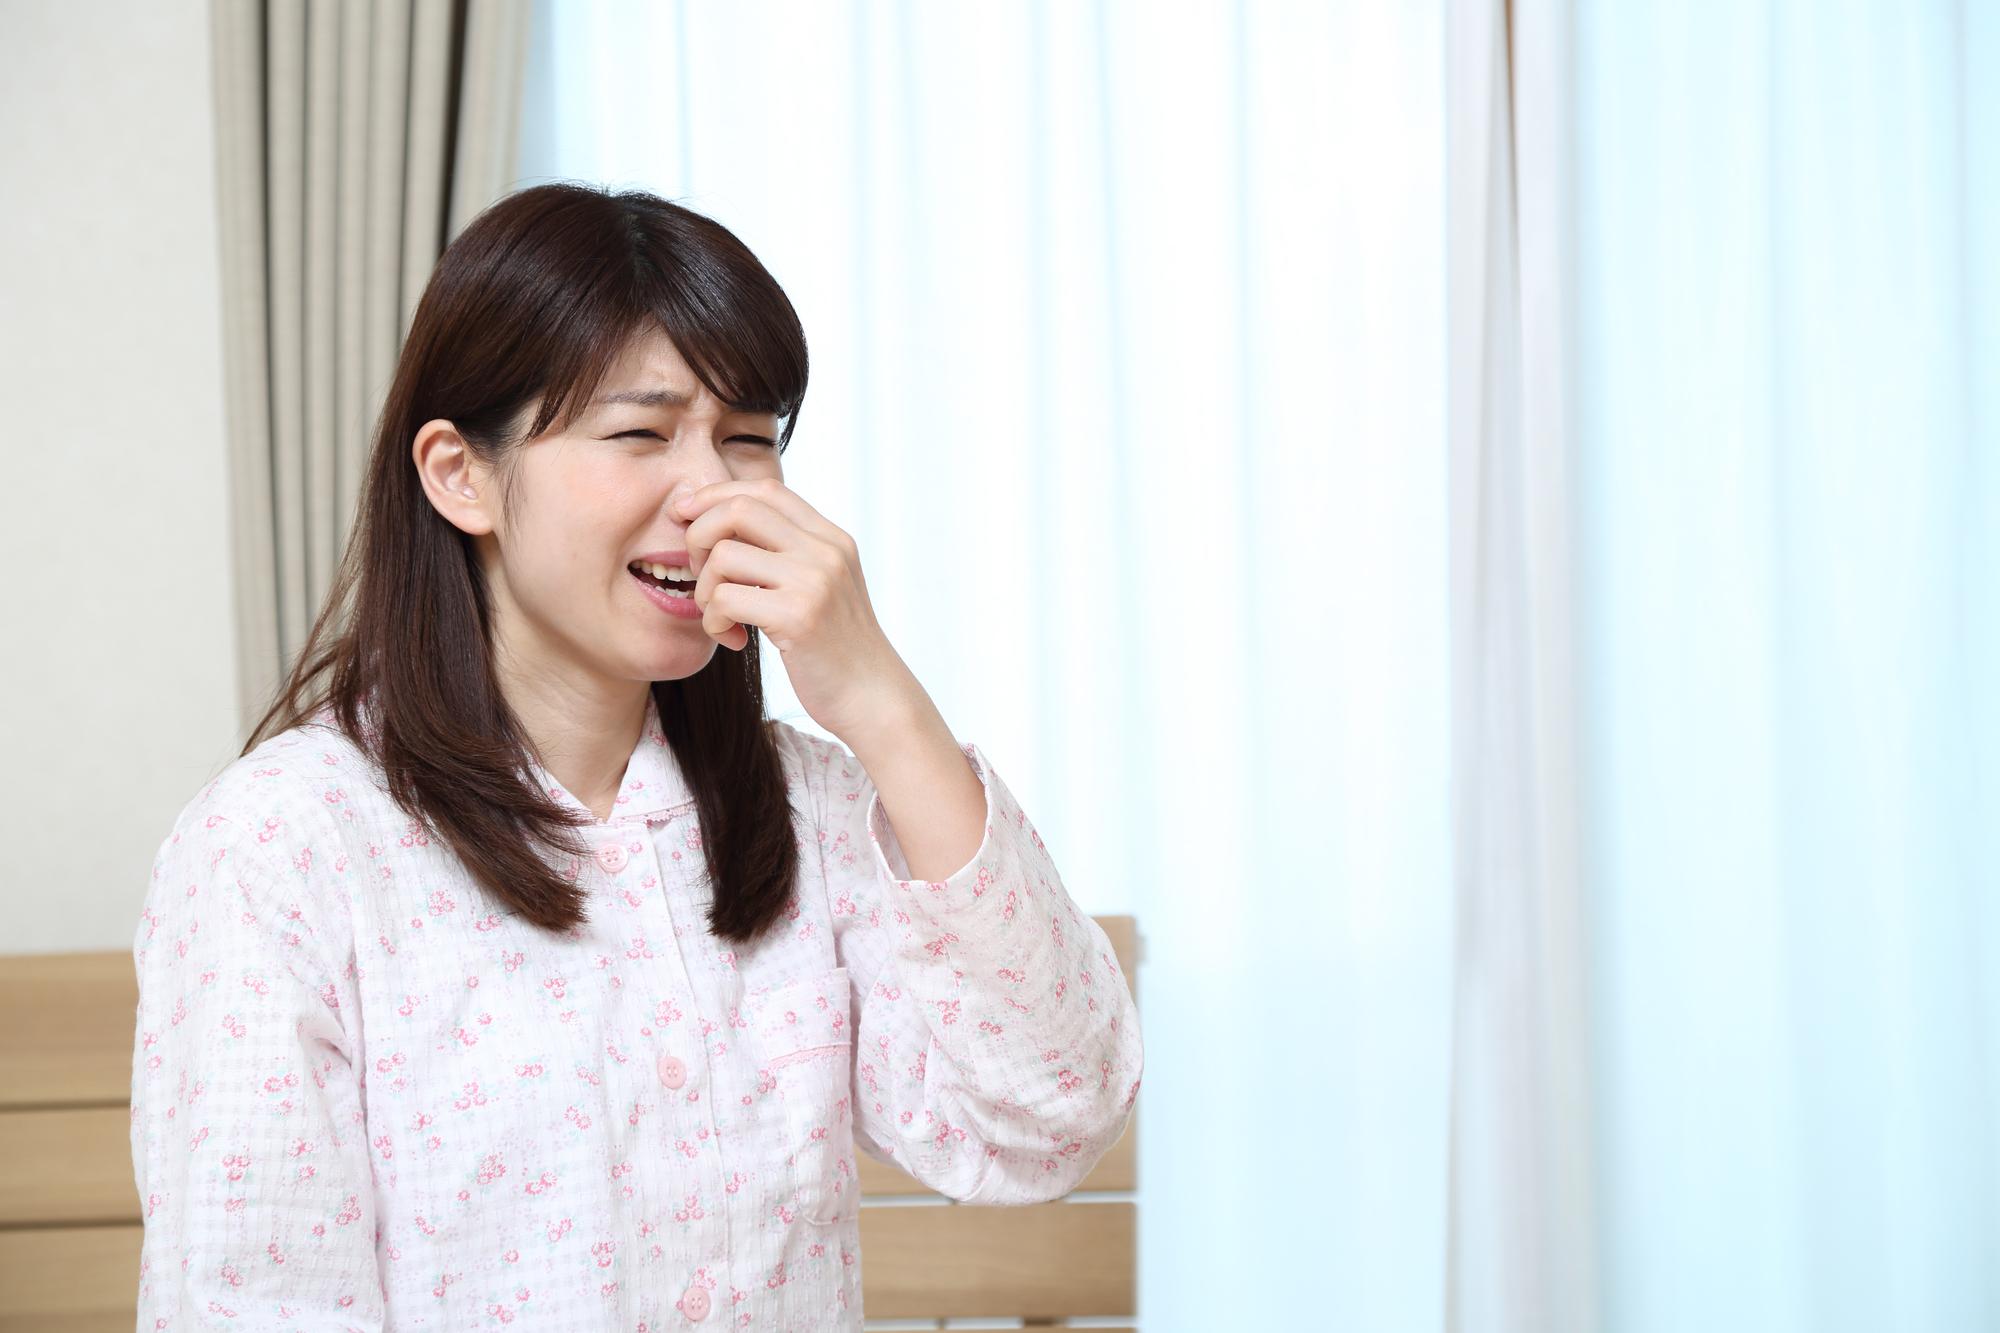 くしゃみをするパジャマの女性